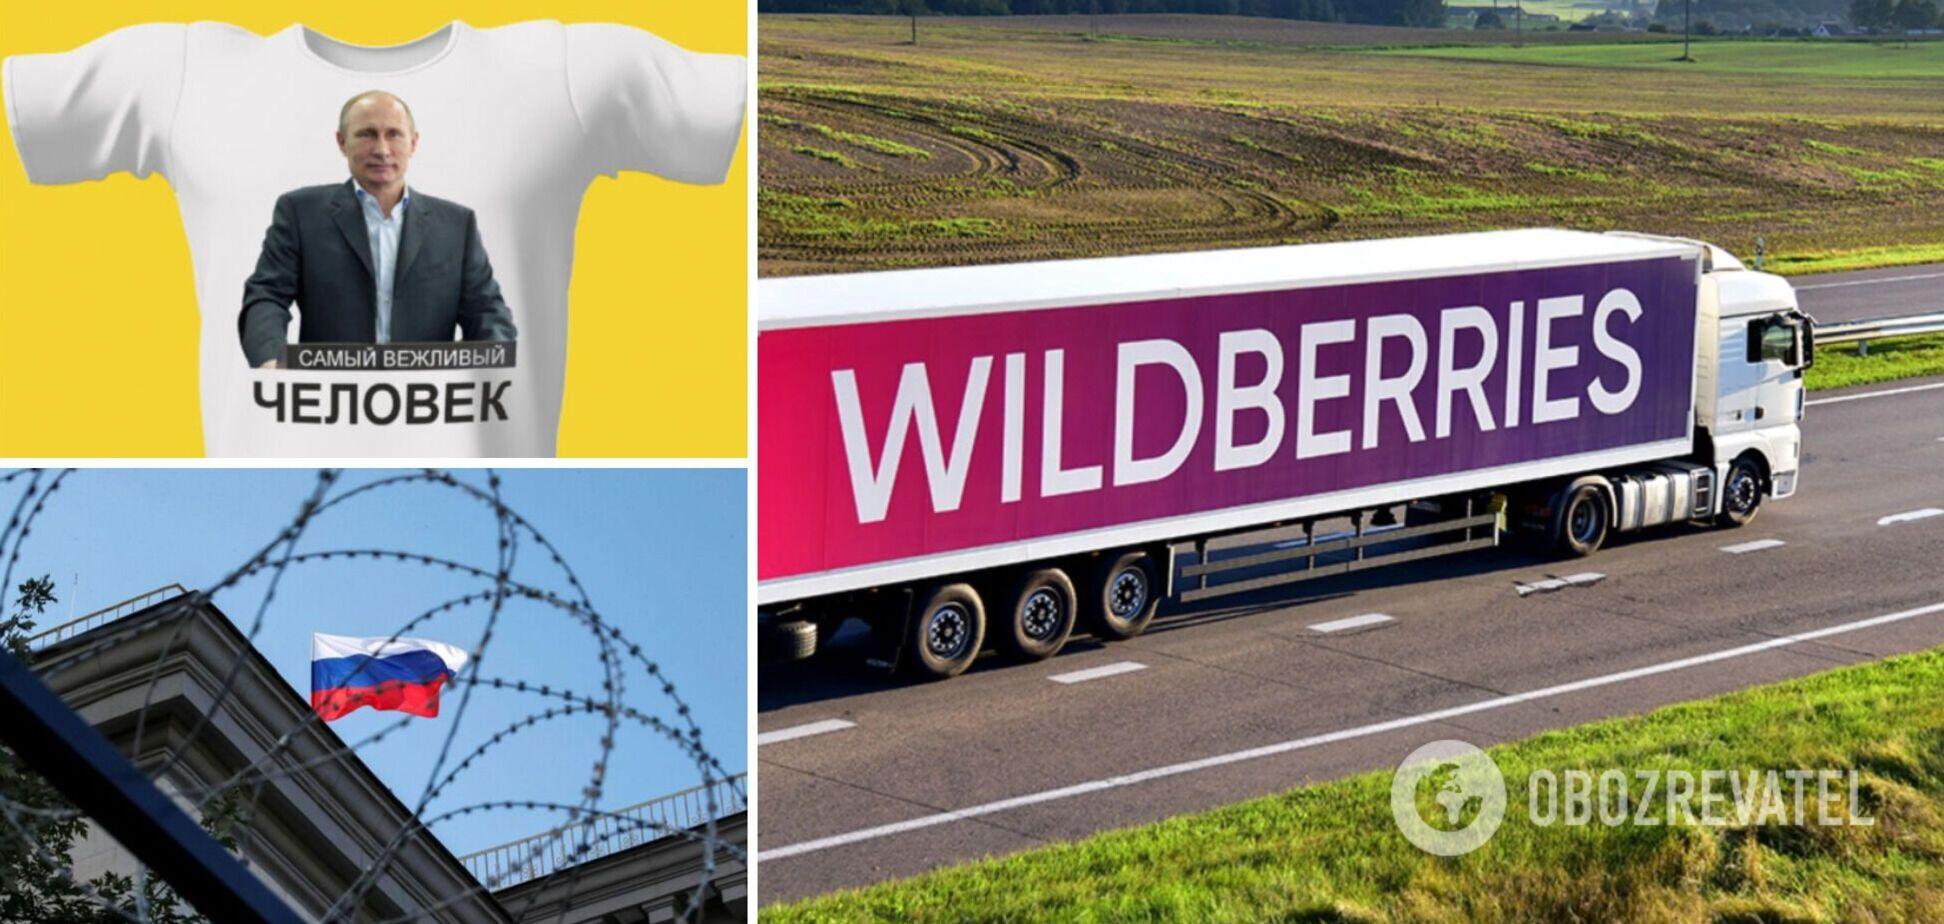 Wildberries запрещен в Украине, ритейл торговал футболками с Путиным и атрибутикой оккупантов